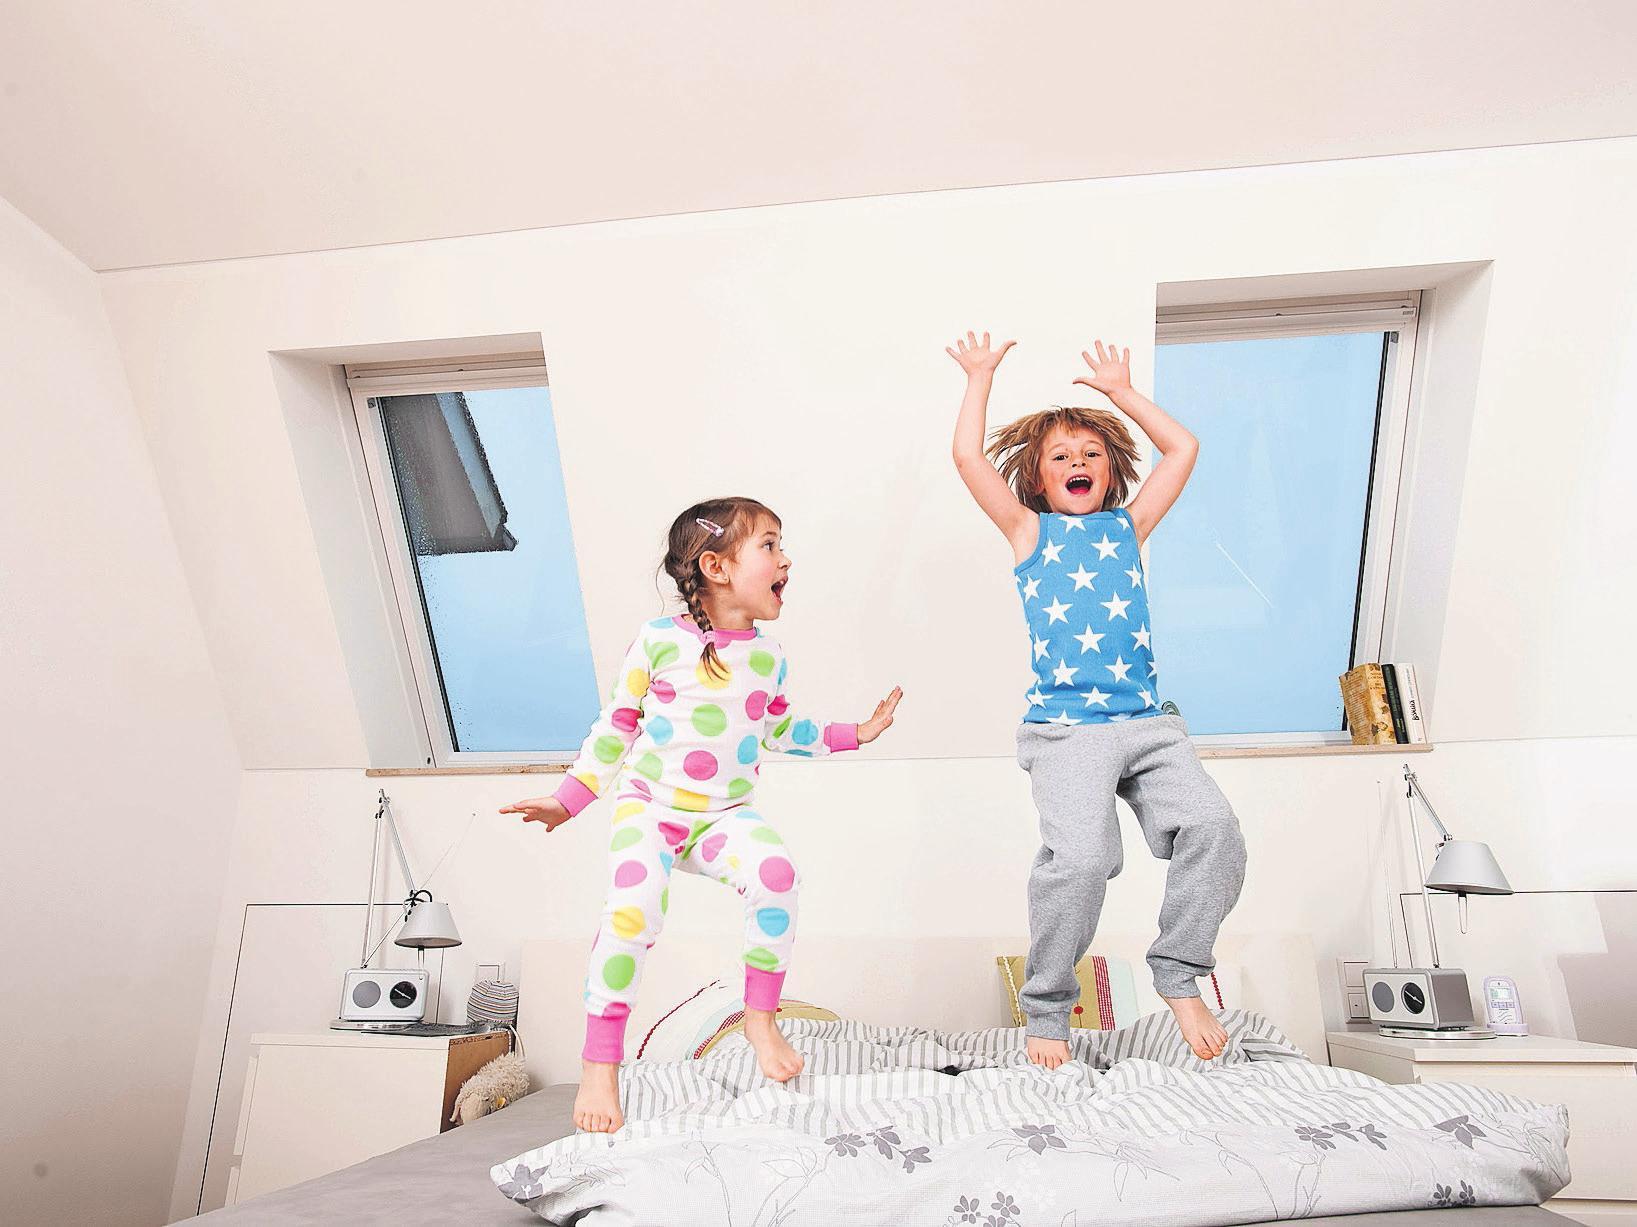 Das eigene Reich unterm Dach: Gerade als Kinderzimmer bietet sich die Raumreserve im Dachgeschoss an. Empfehlenswert ist es, den Dachausbau direkt mit einer Wärmedämmung zu kombinieren. Foto: djd/Paul Bauder